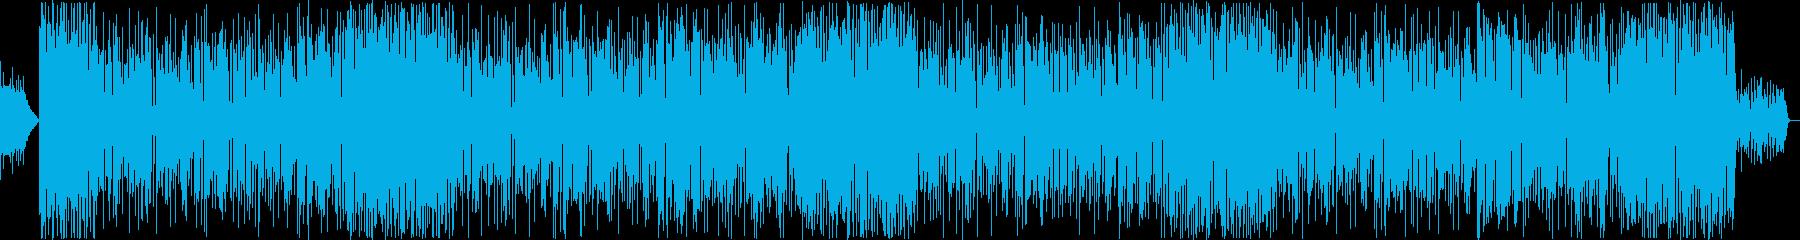 ストリングスが躍動するニュース系のポップの再生済みの波形